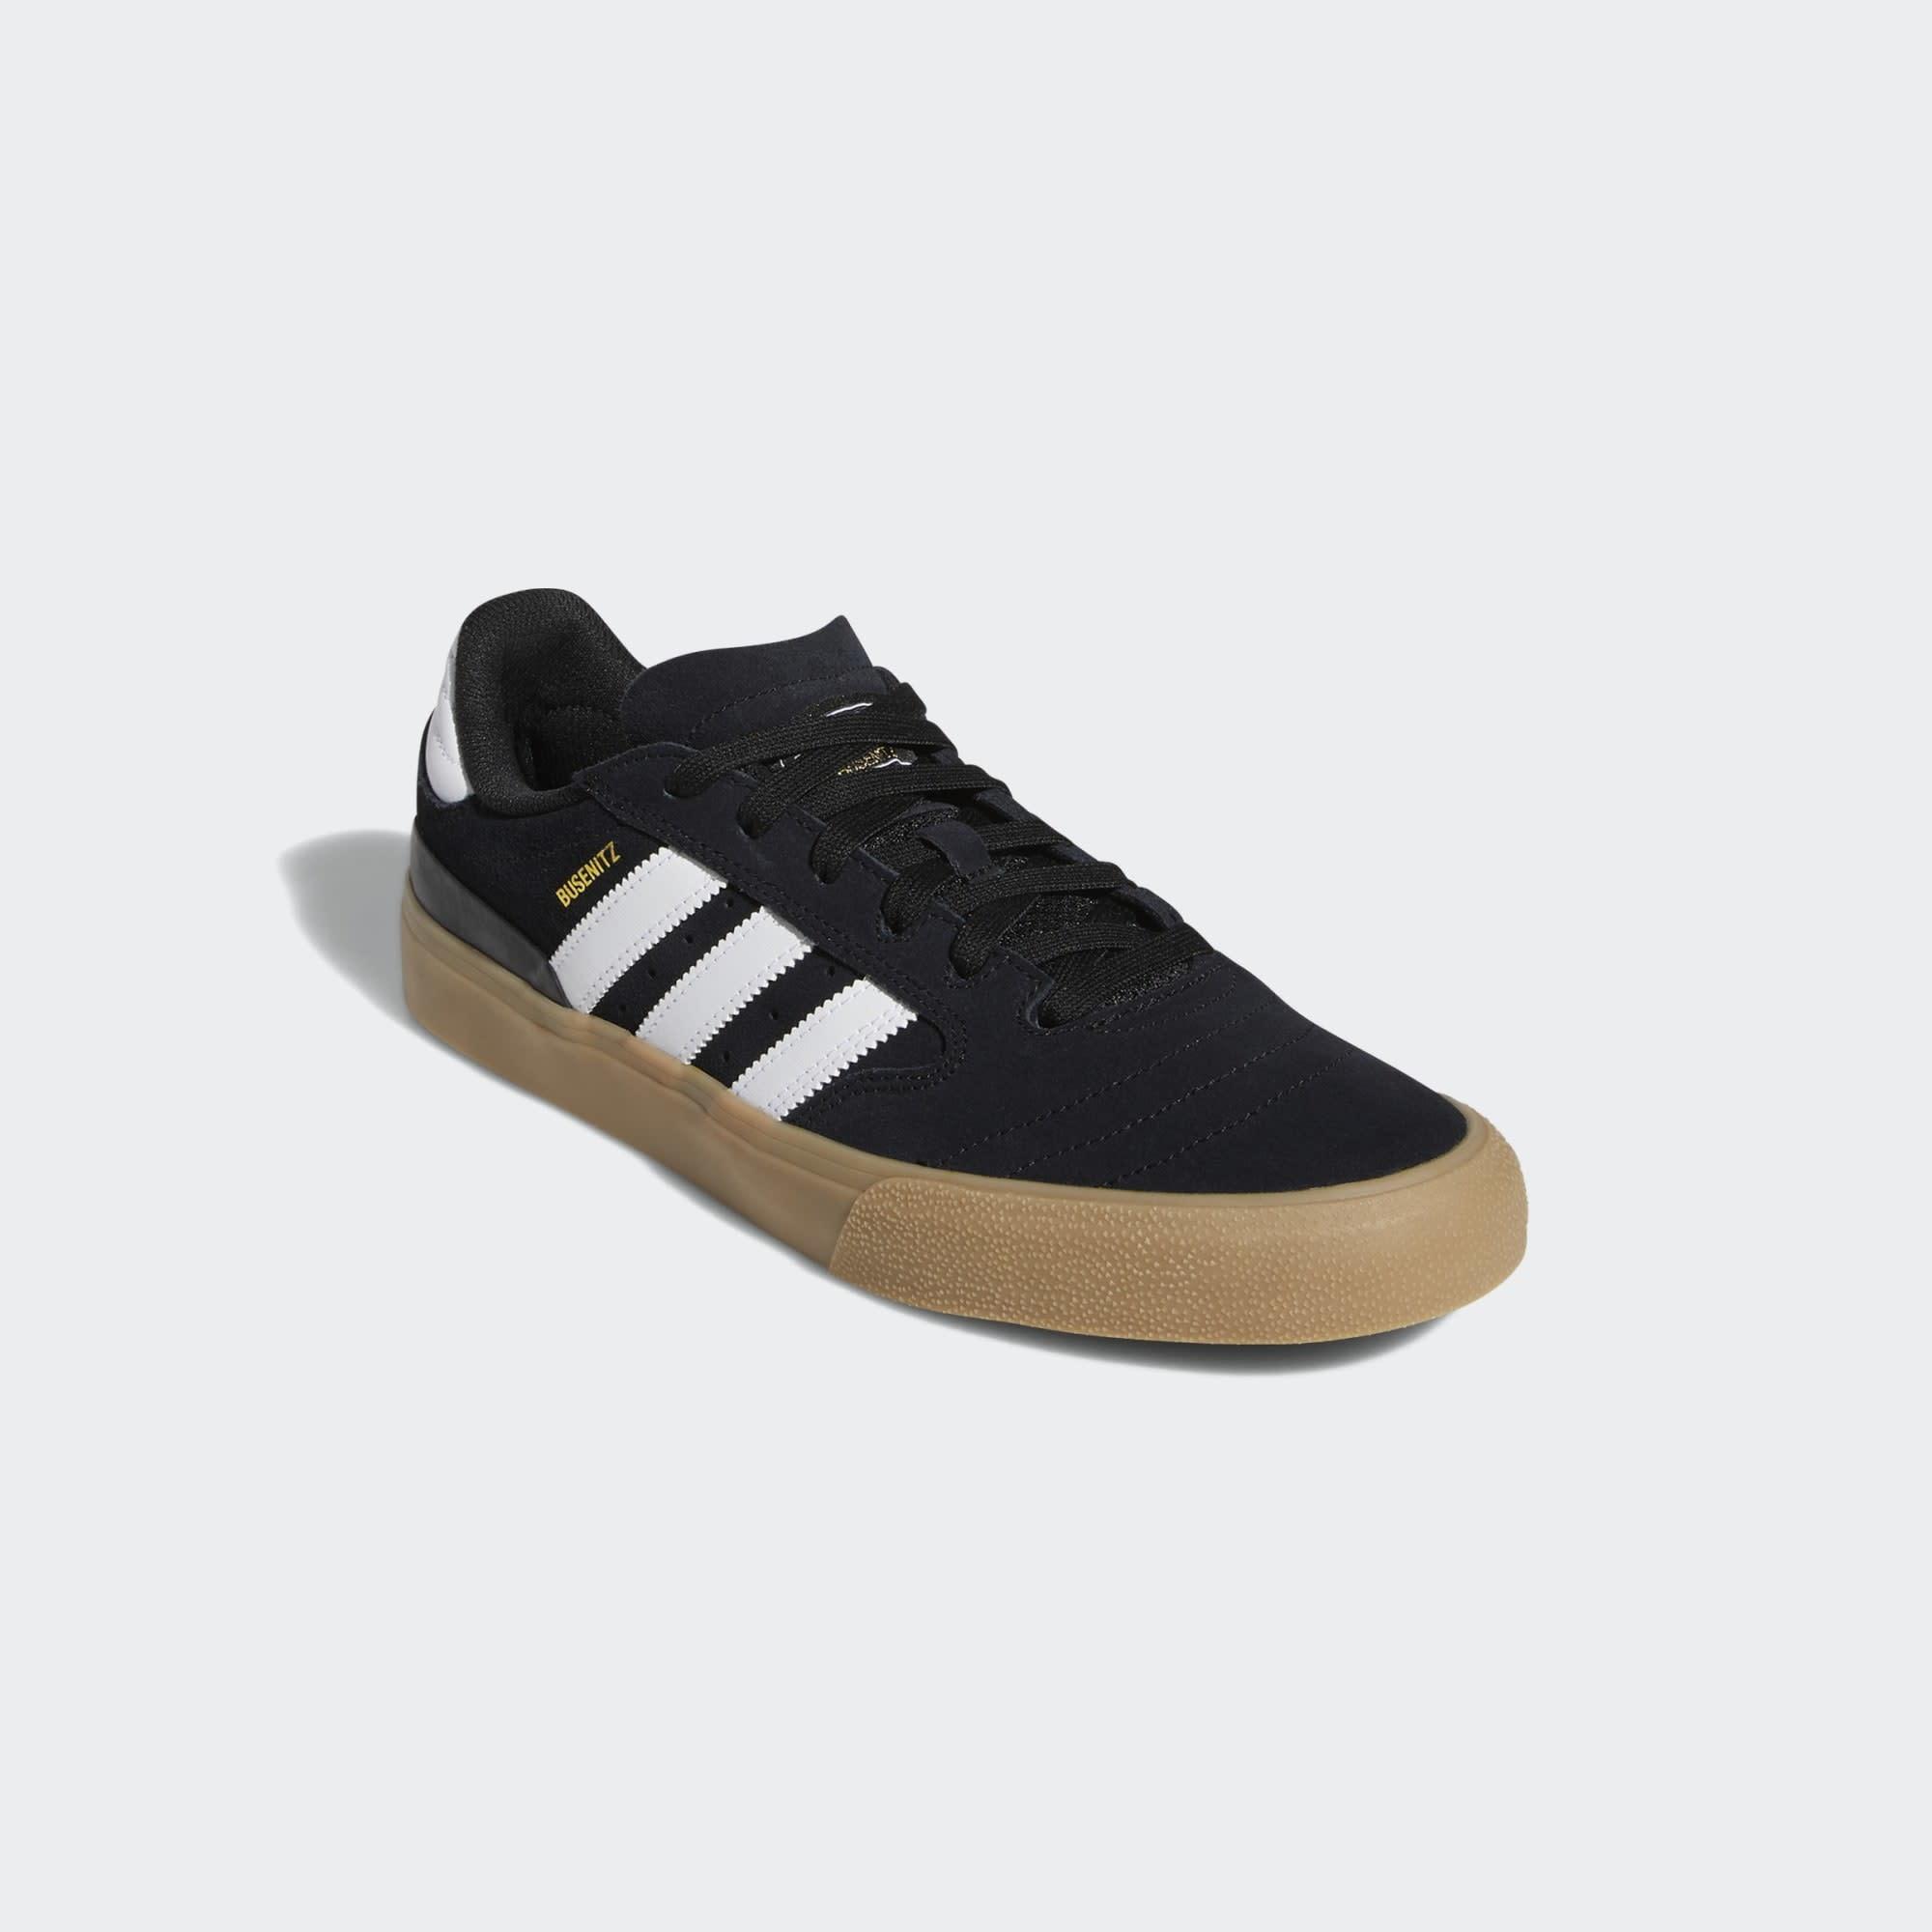 Adidas Busenitz Vulc 2 Black/Gum